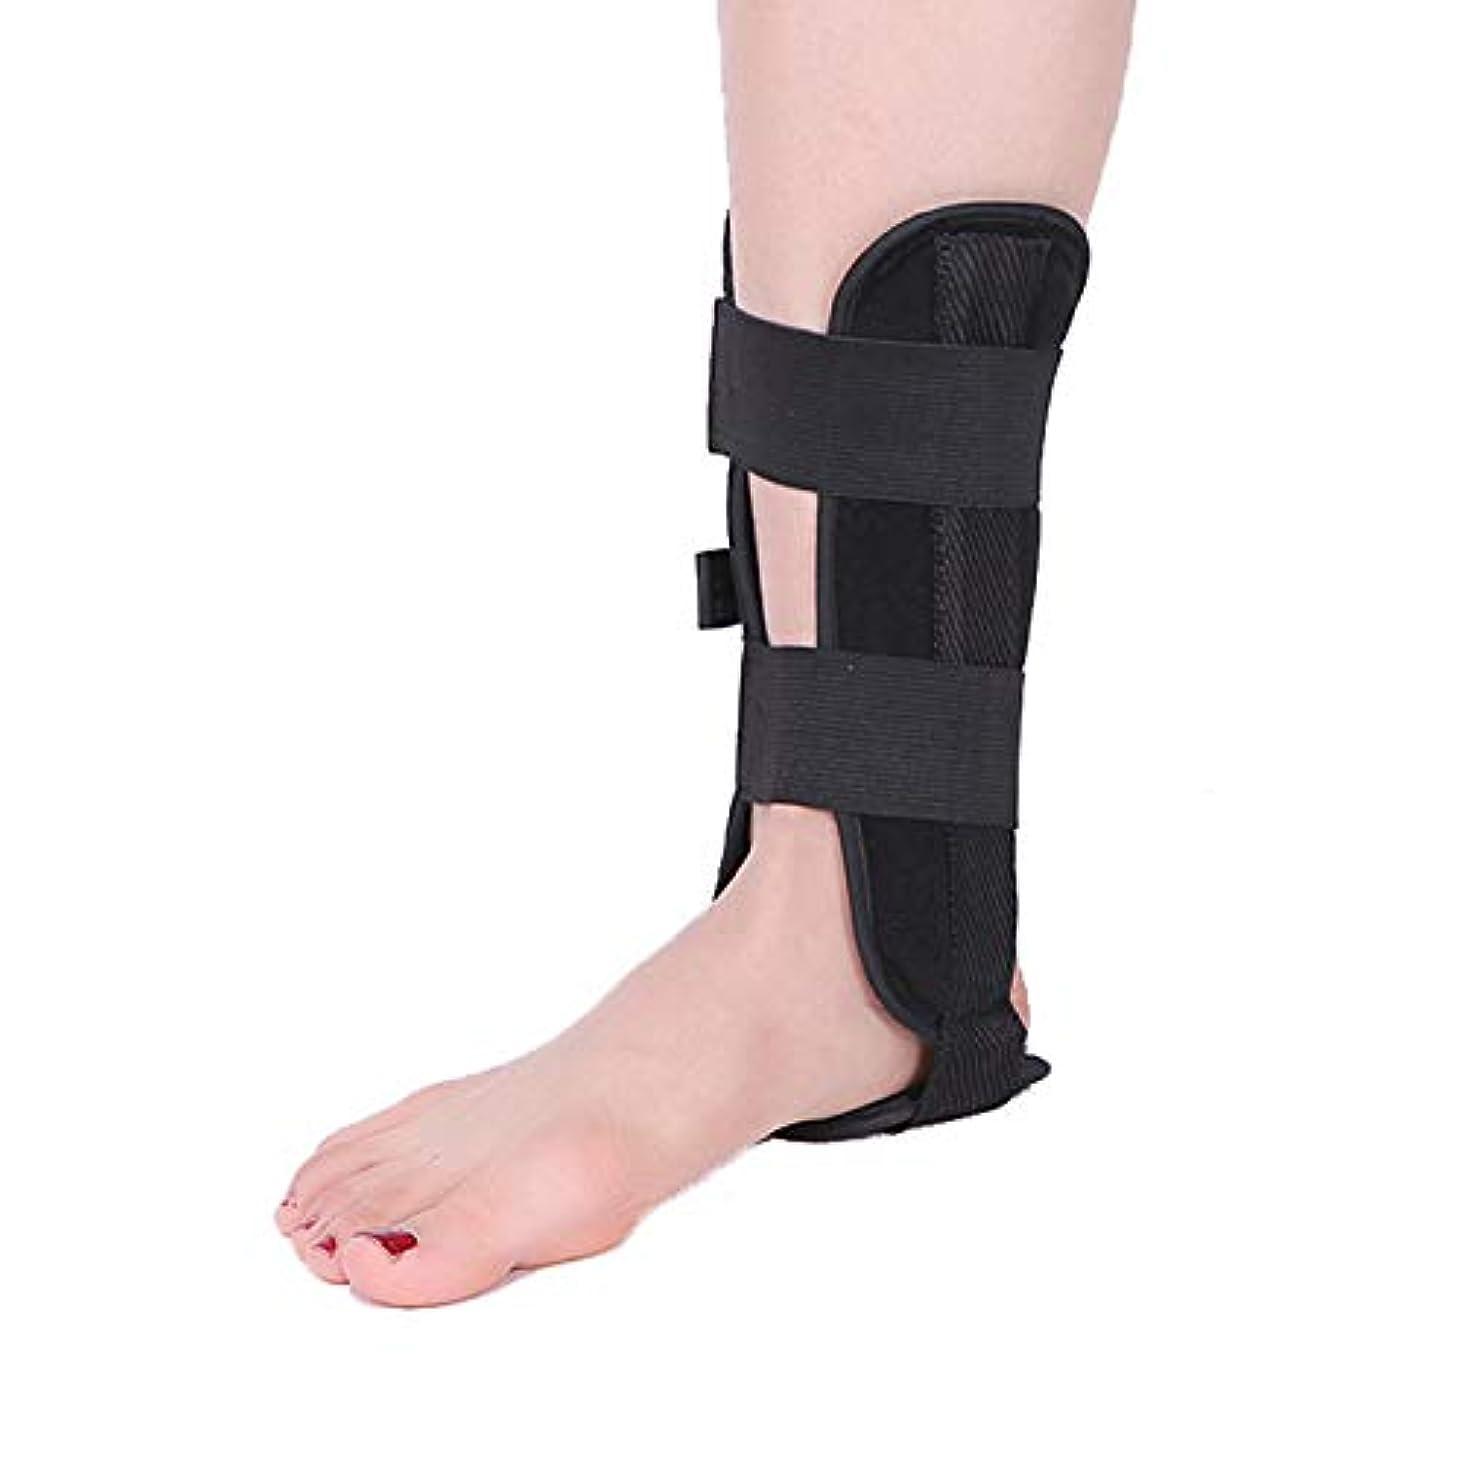 足首装具サポートフットガードスポーツラップ弾性ストラップスタビライザー怪我痛みの軽減剛性捻rain包帯靭帯破裂手術保護,S